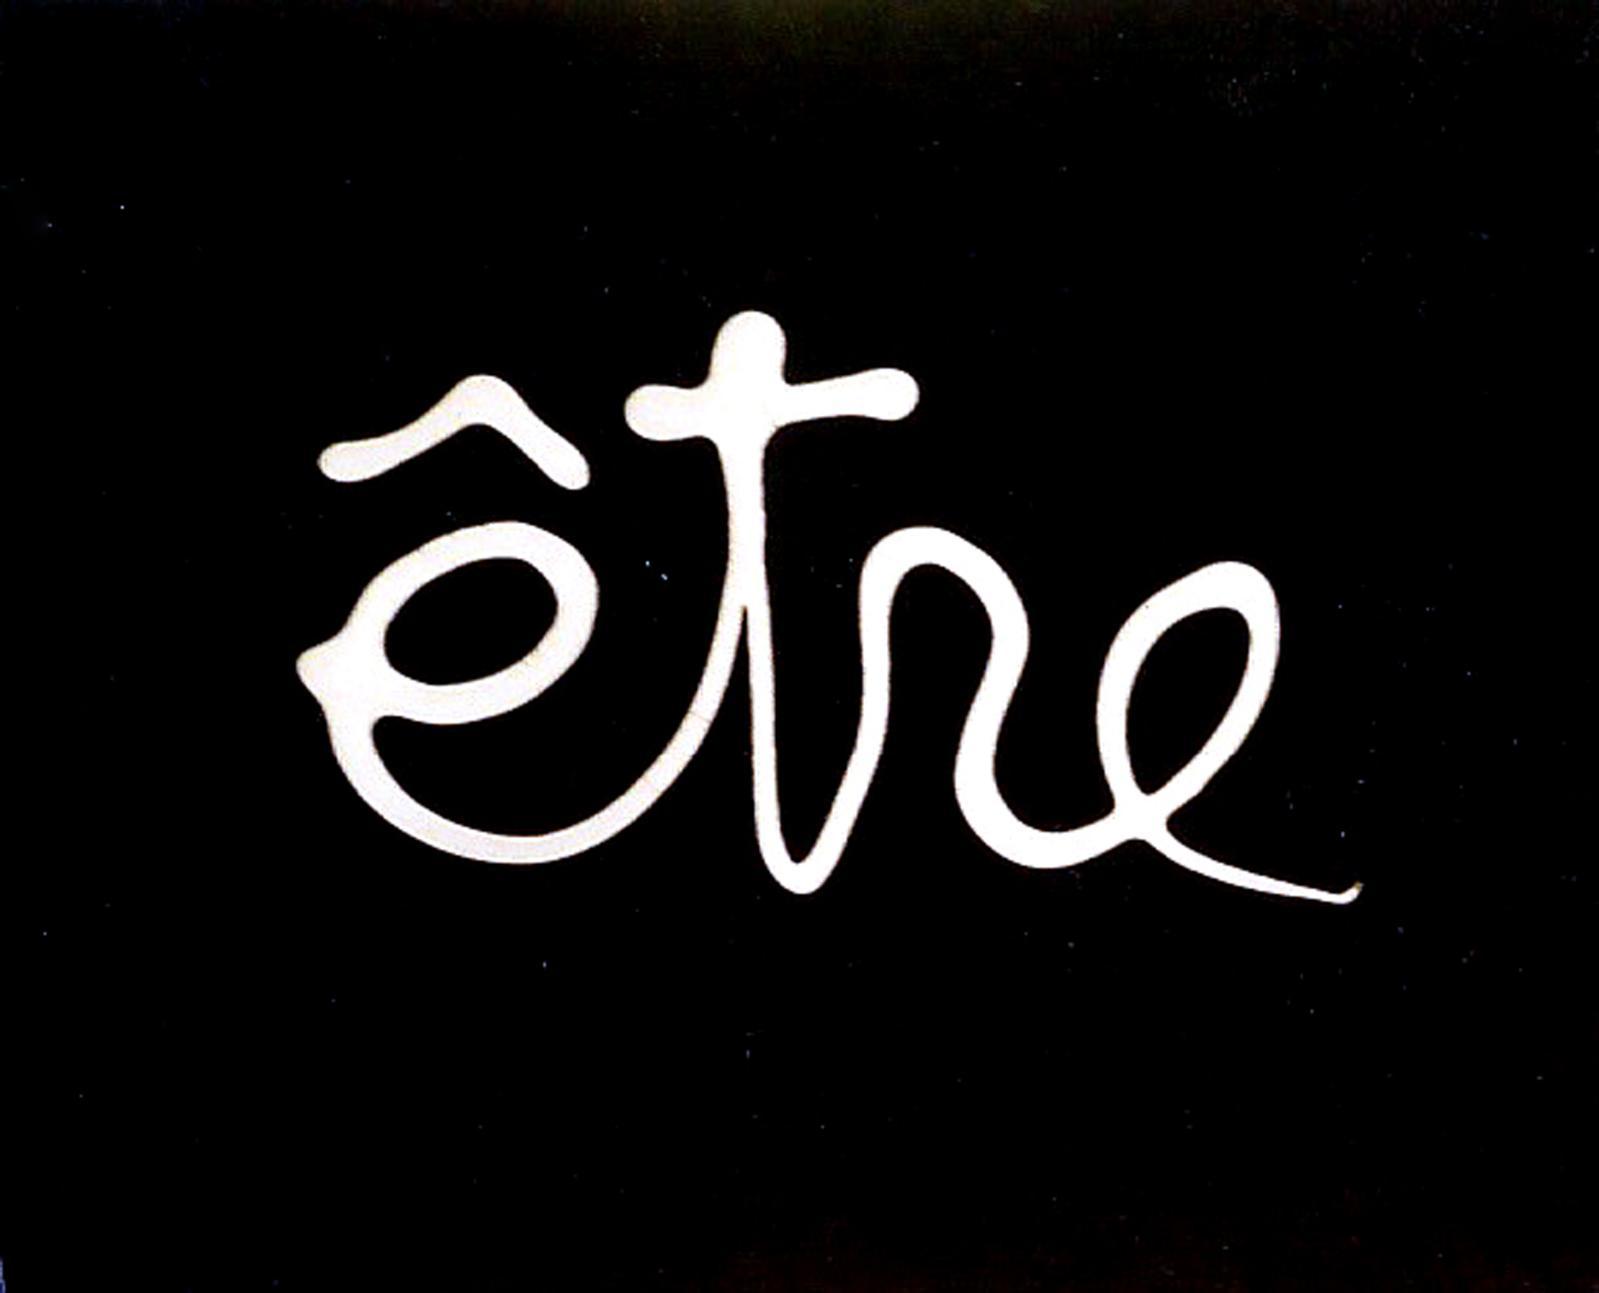 Ben (né en 1935), Être, 1975, 60x73cm, acrylique sur toile, collection de l'artiste.